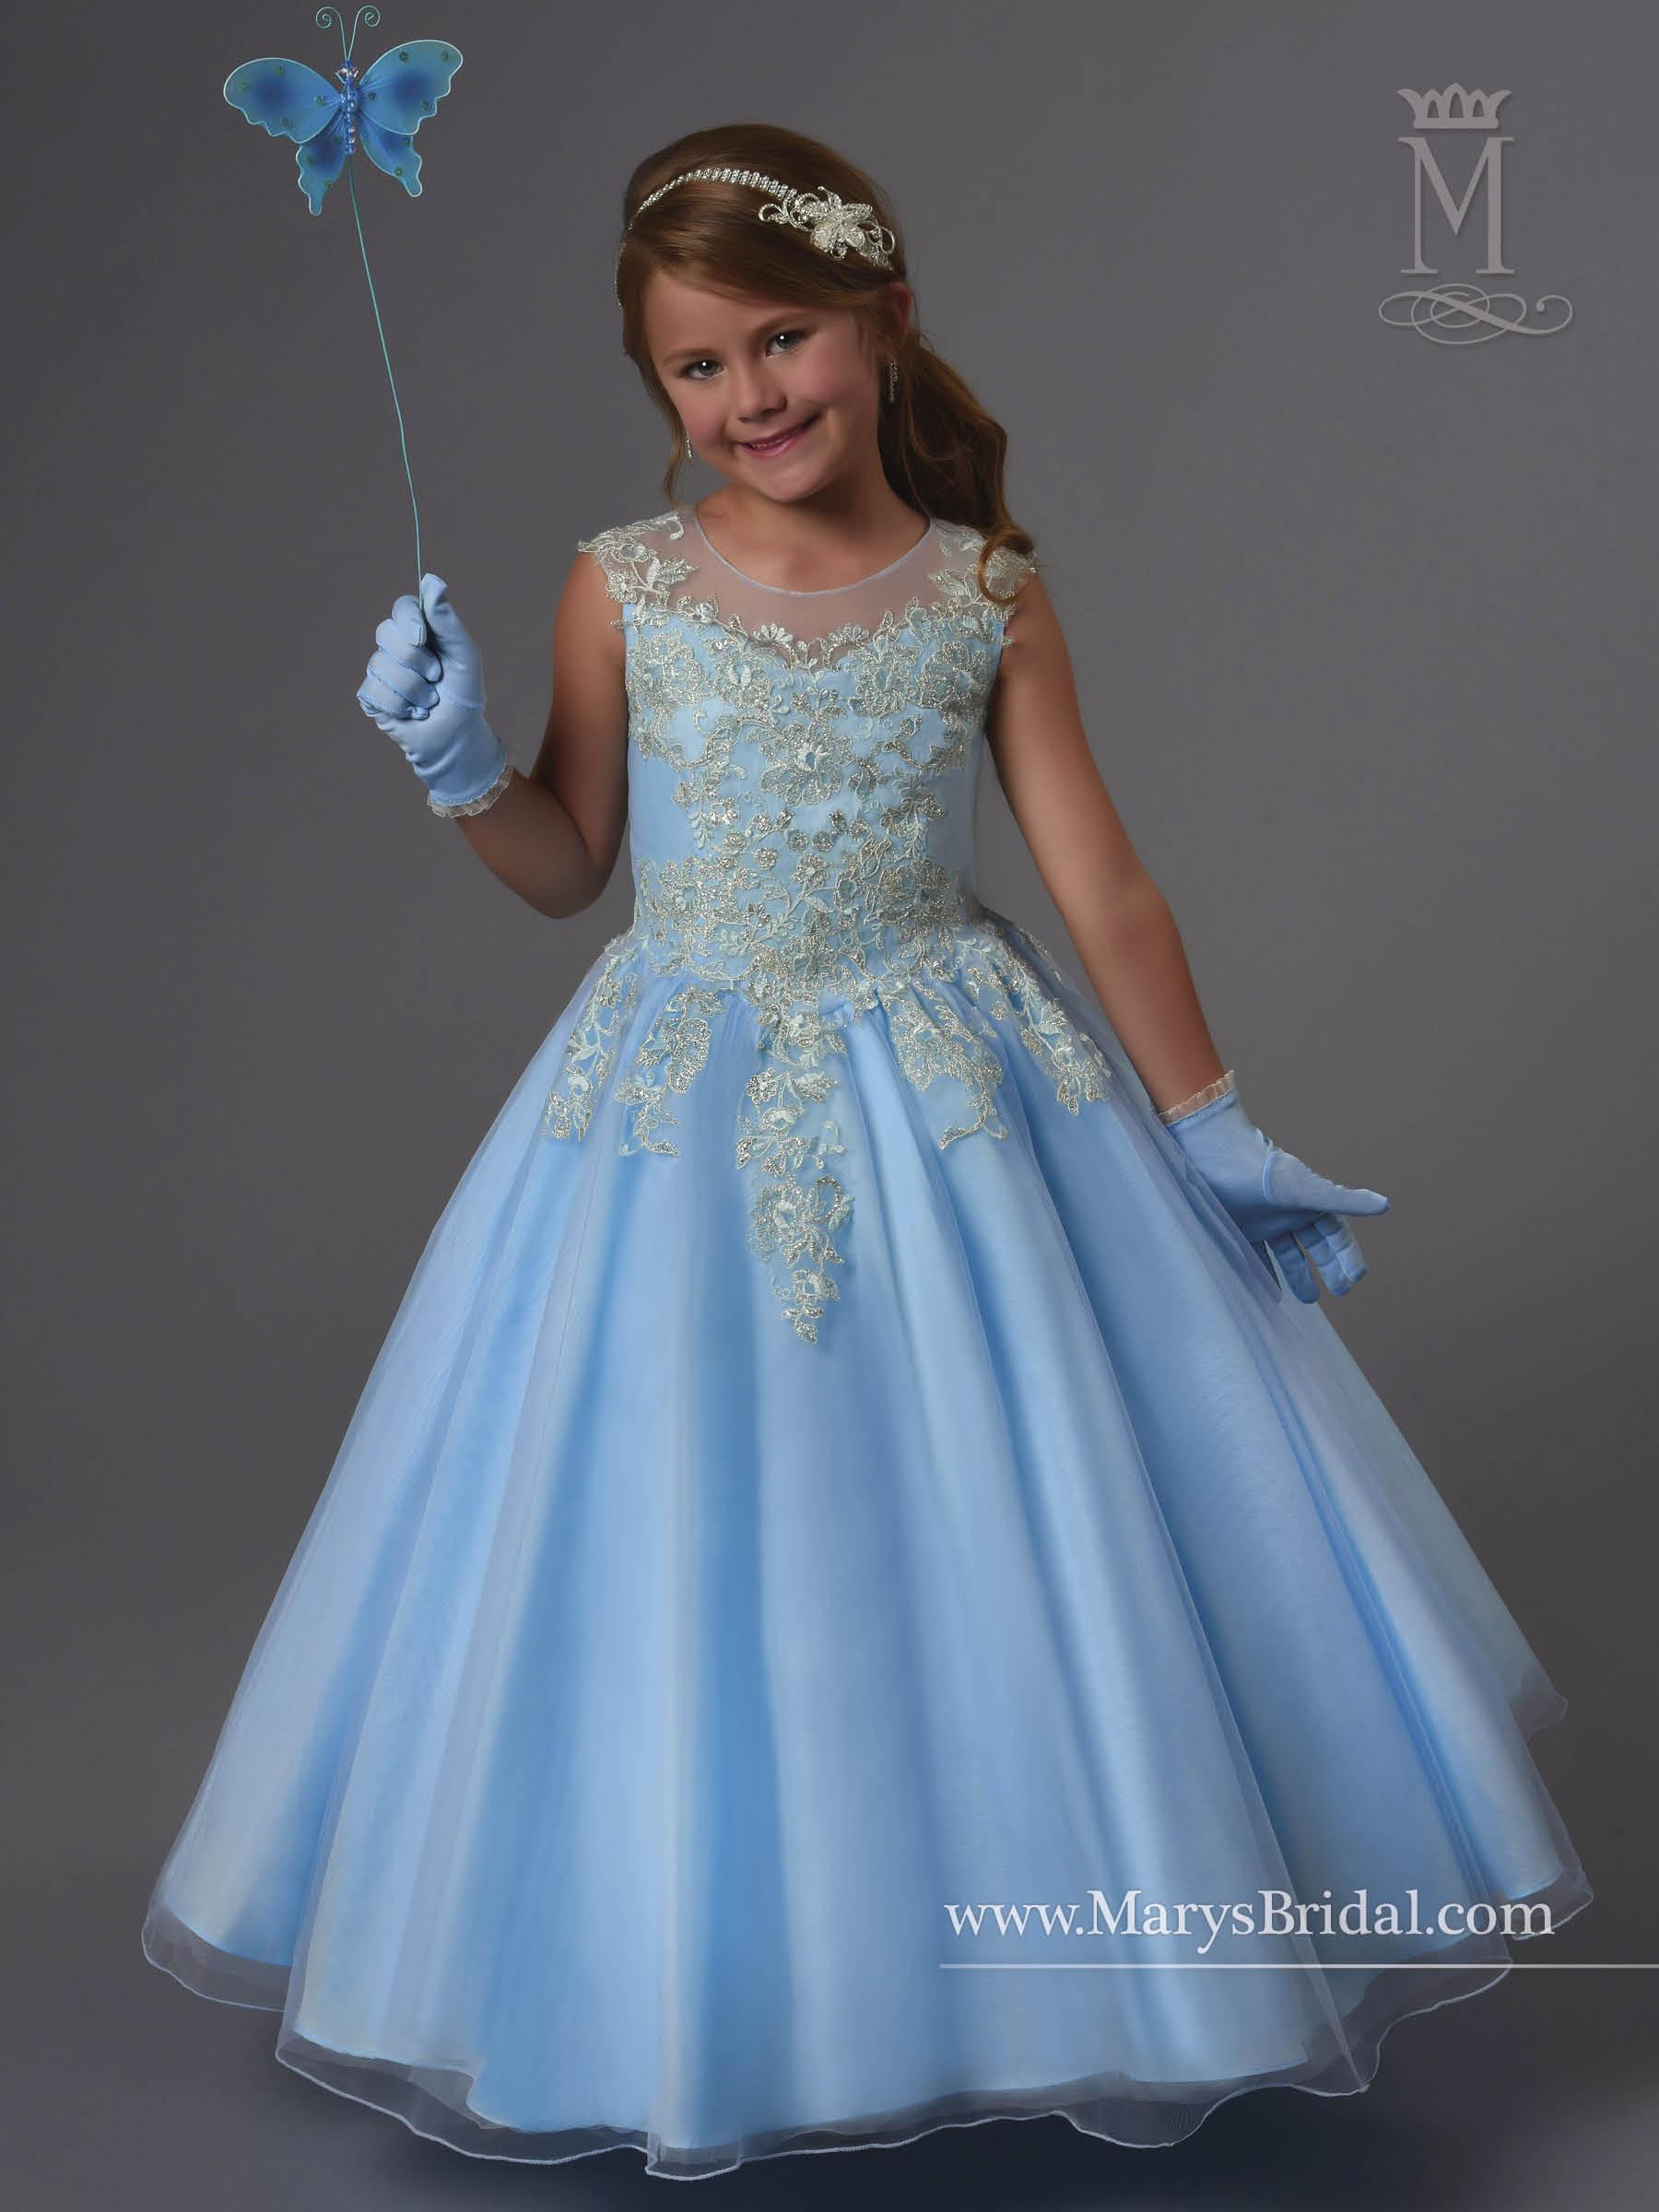 Angel Flower Girl Dresses | Style - F552 in Ivory, Light Blue, or ...